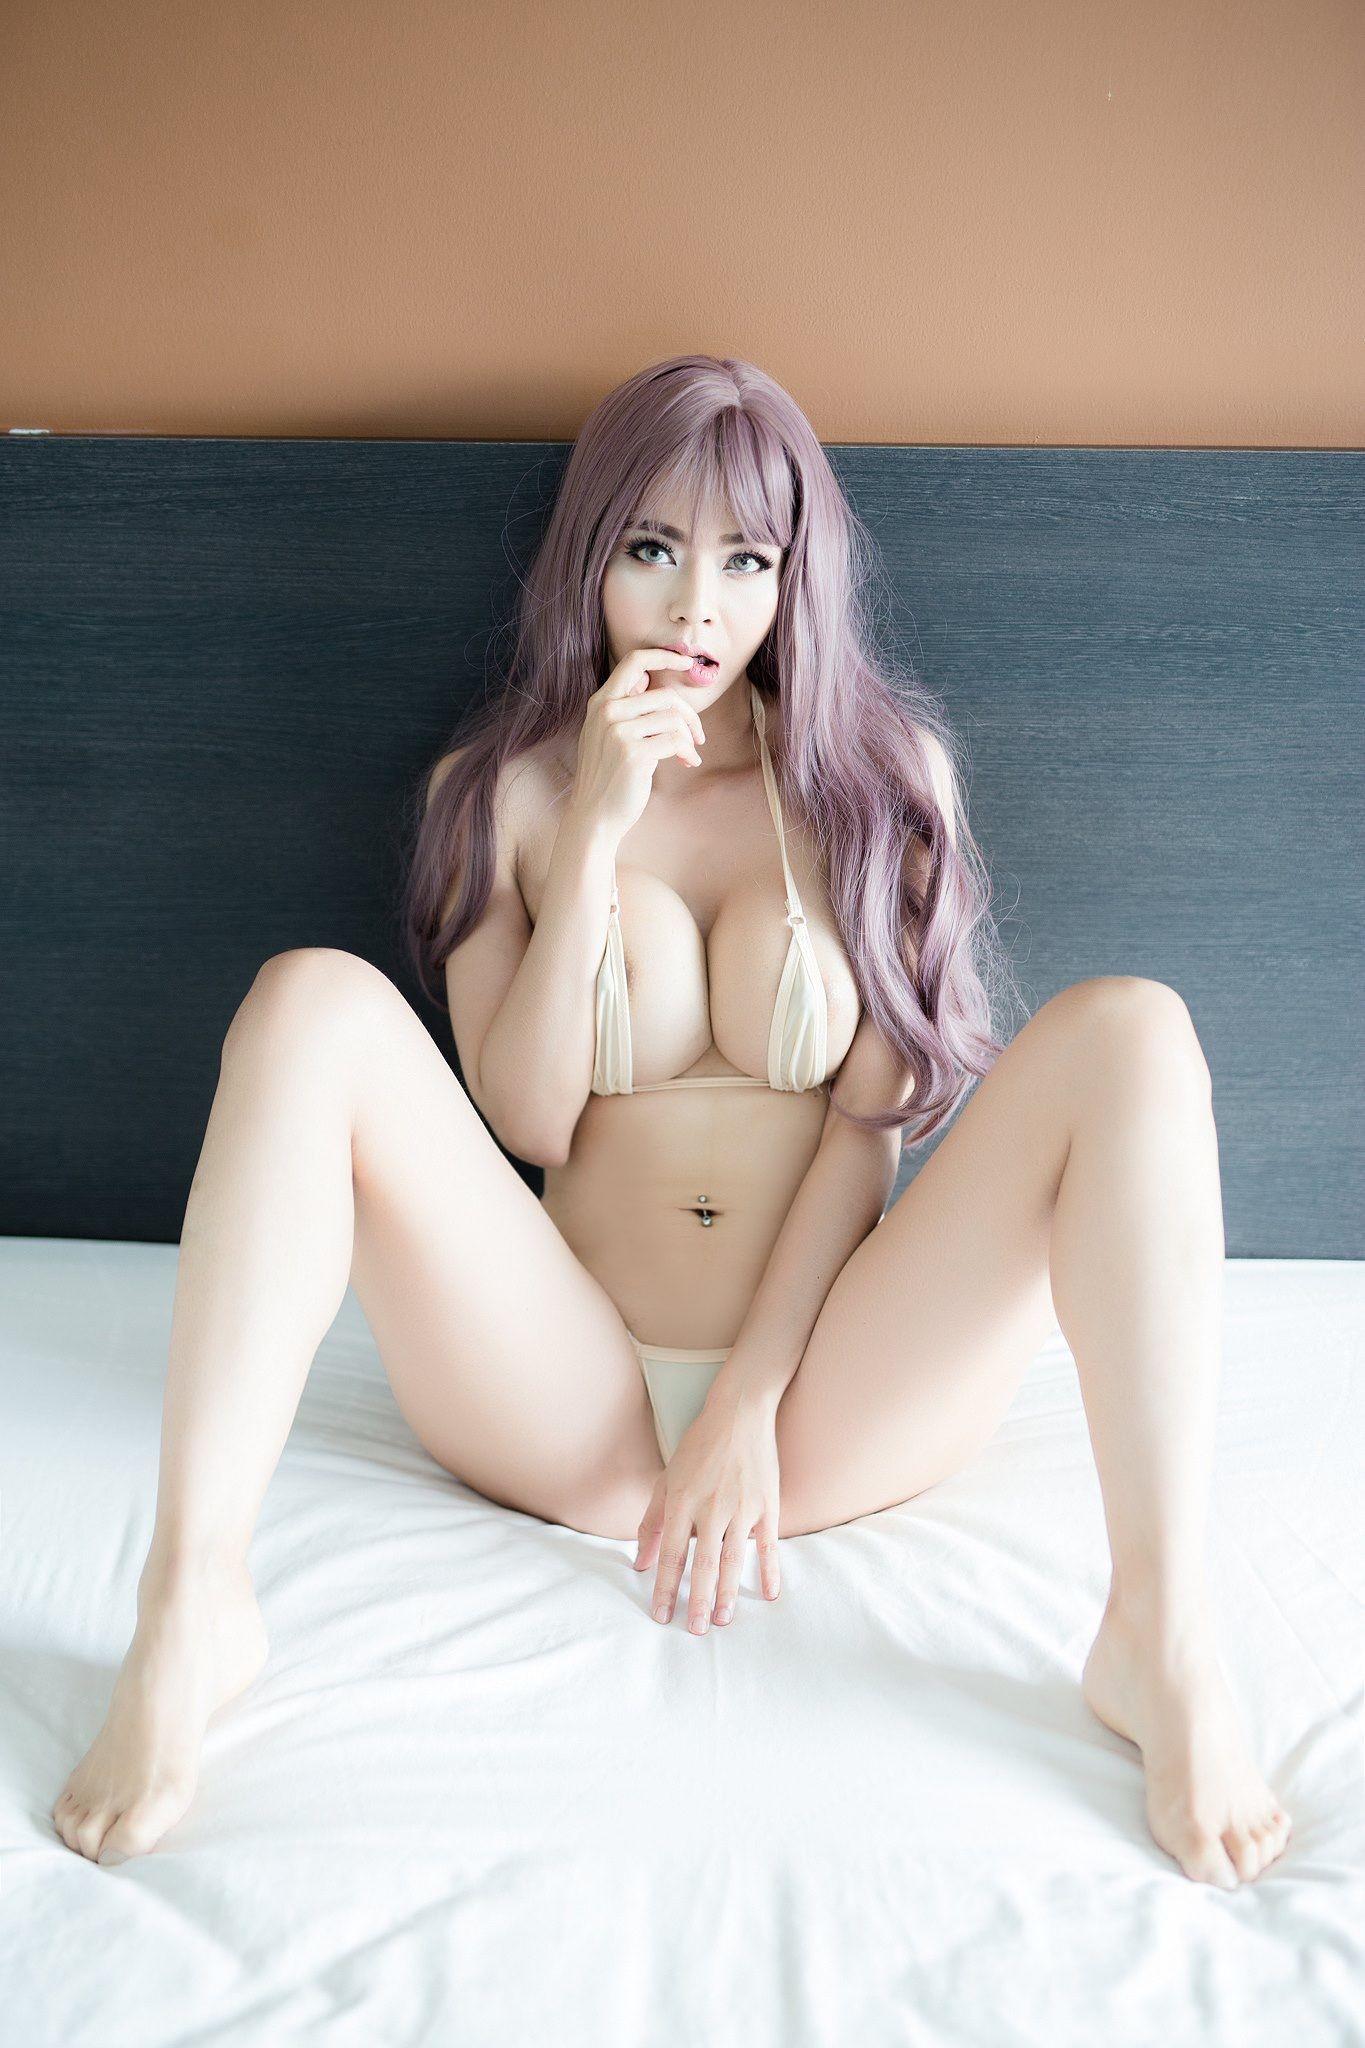 Linda jean butt naked